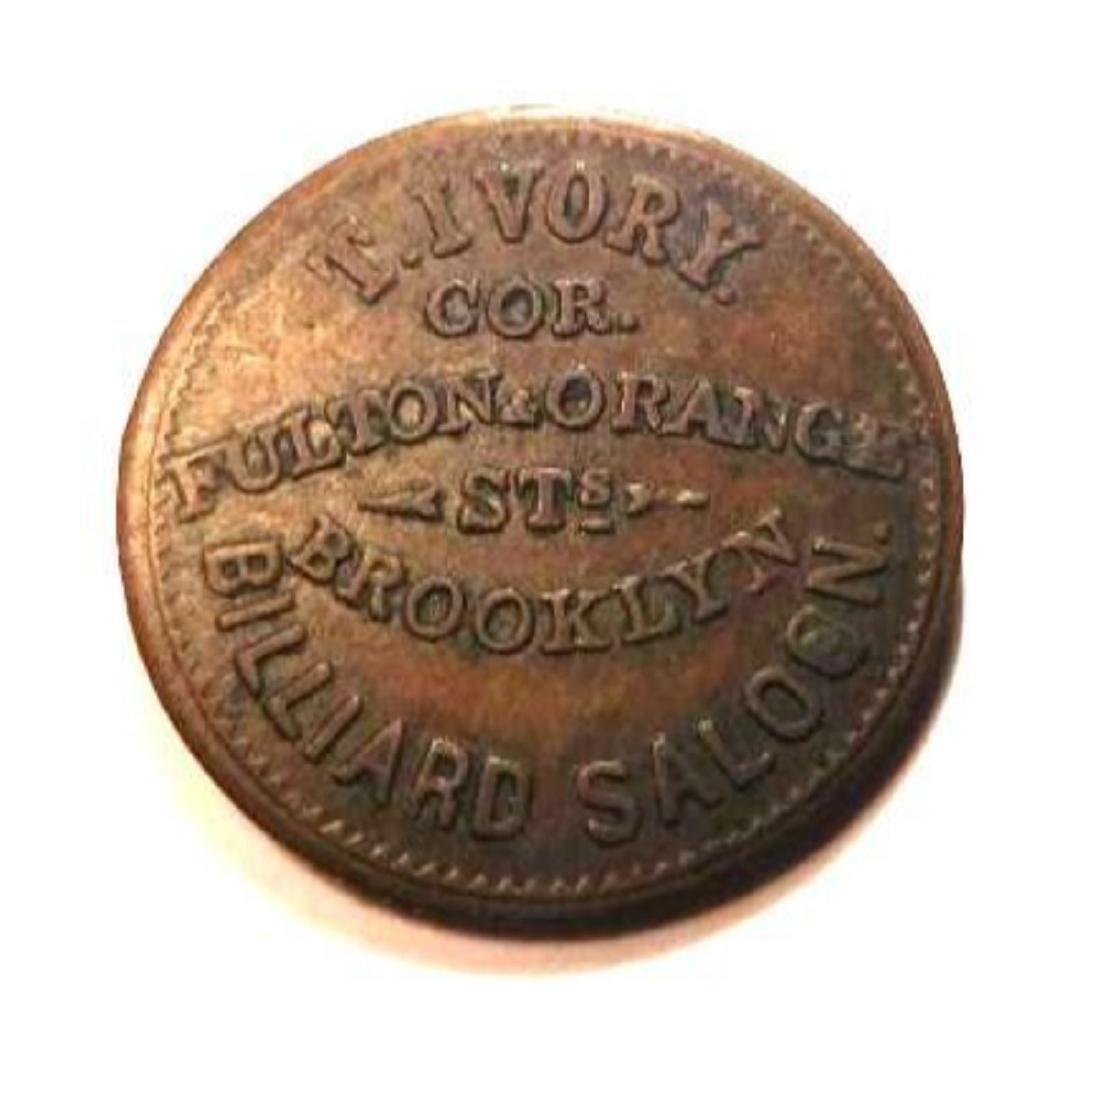 1863 Civil War Token - T. Ivory Billiards Salloon, - 2